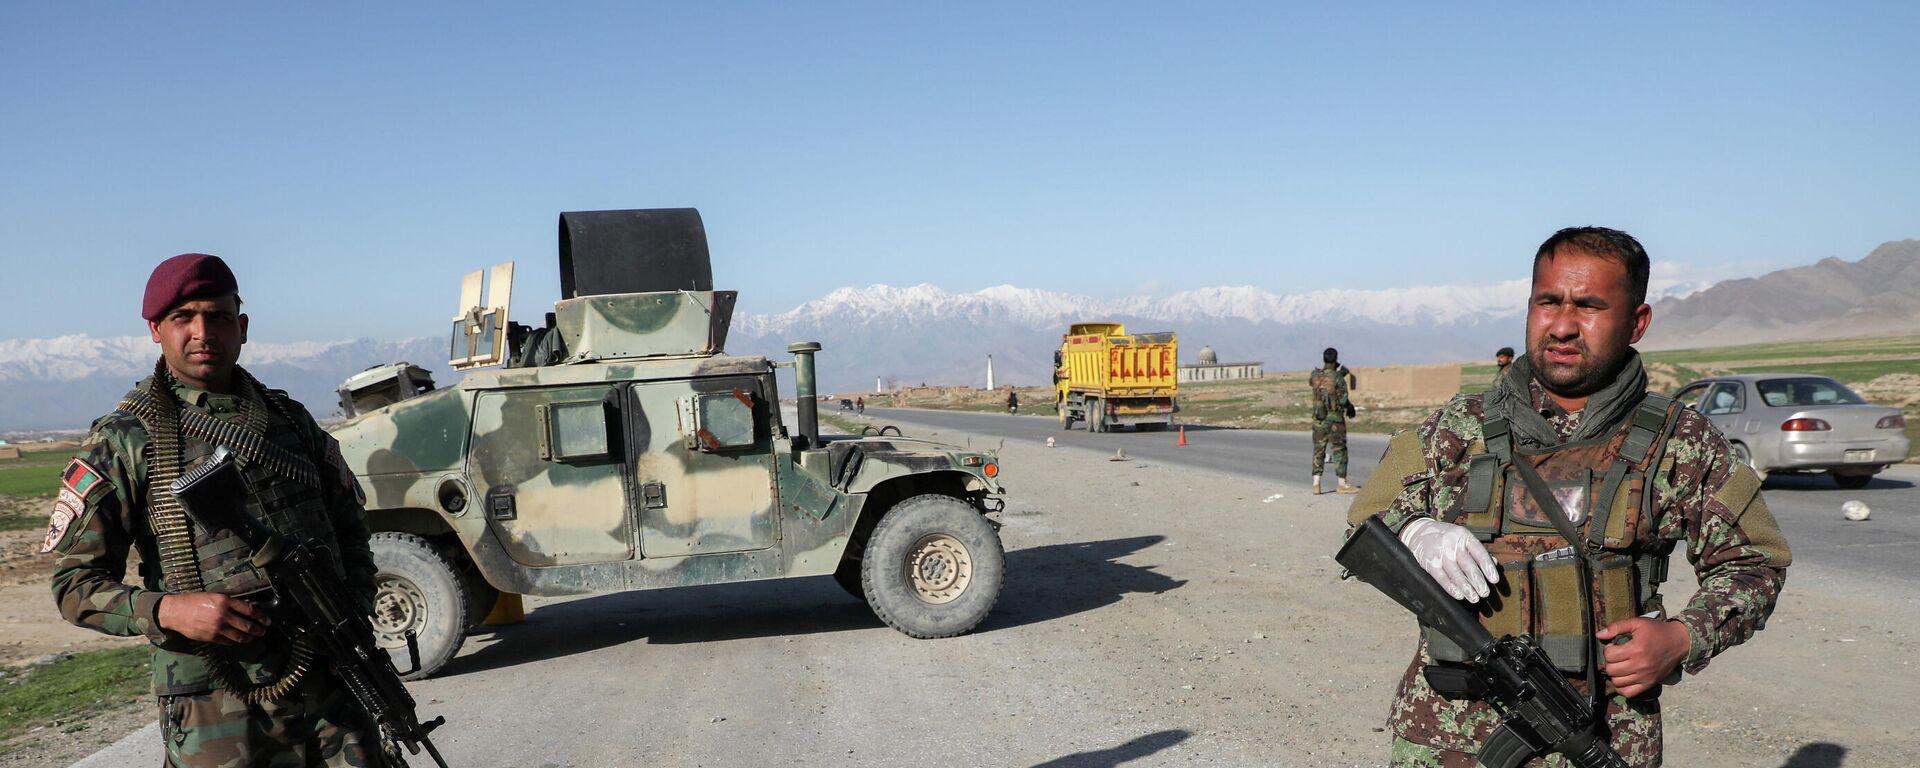 Afghanische Verteidigungskräfte am ehemaligen US-Stützpunkt Bagram - SNA, 1920, 05.07.2021